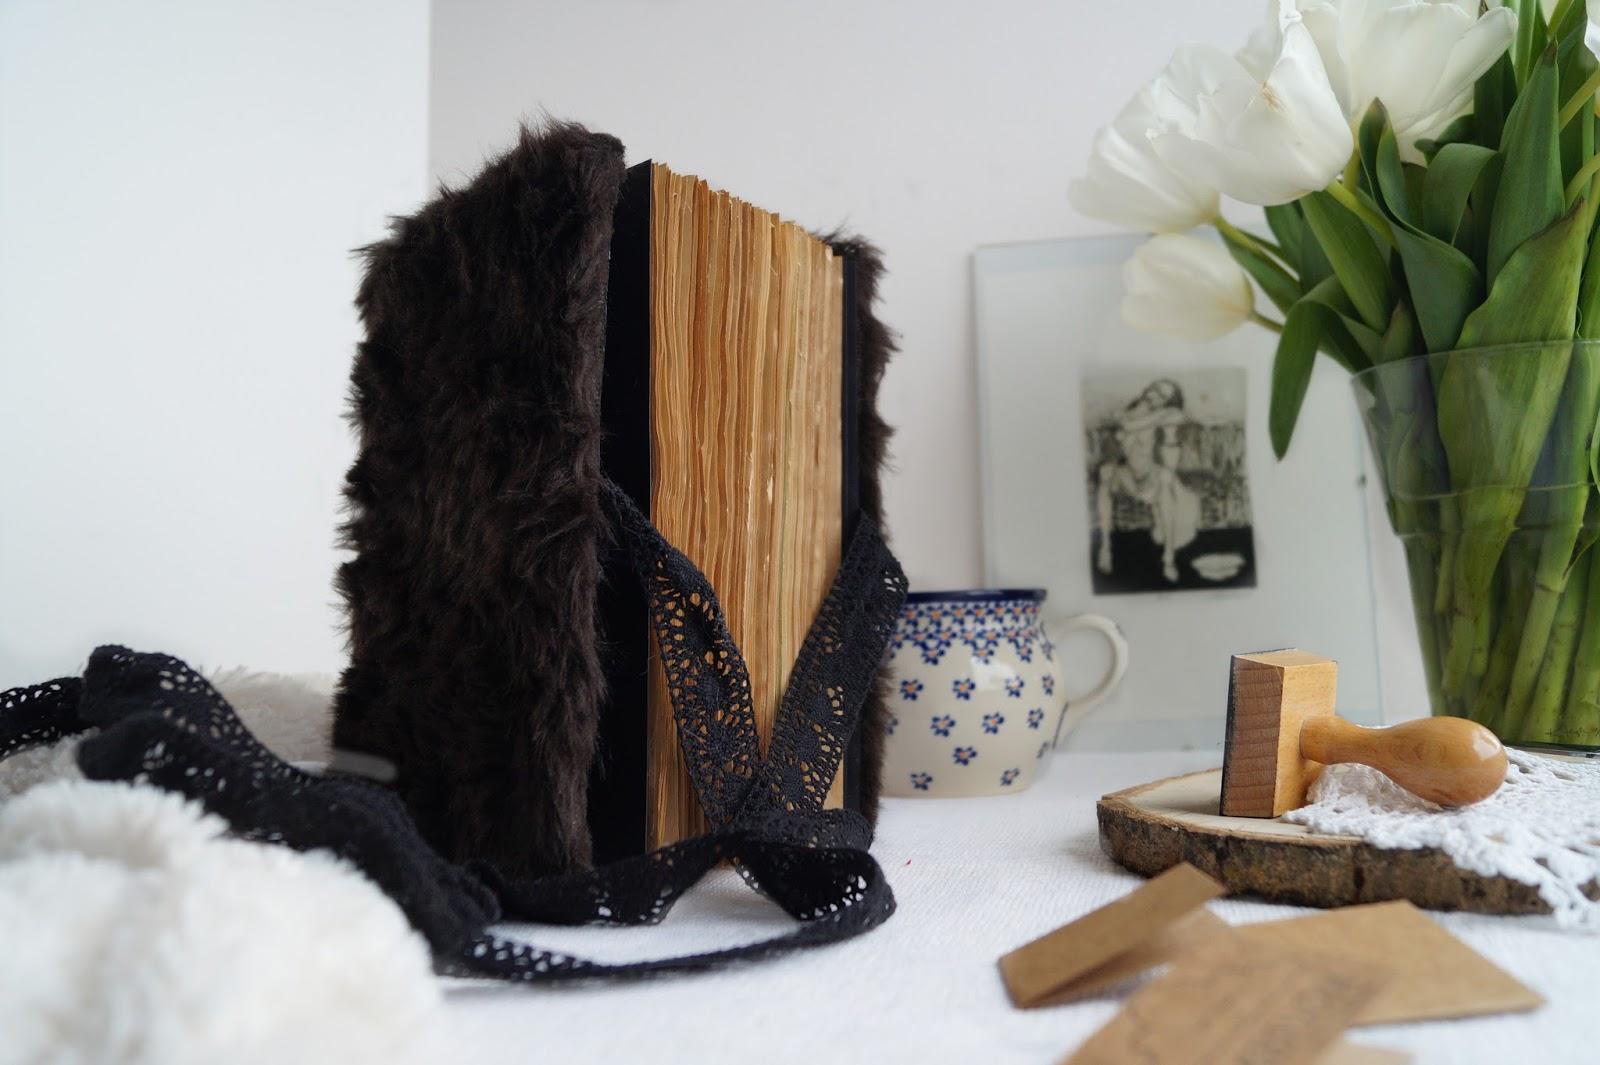 ręcznie robione zeszyty notatniki kalendarze notes w miękkiej futrzanej oprawie koty ciekawy nietypowy pomysł na prezent upominek ciekawe gadżety notatnik notes handmade